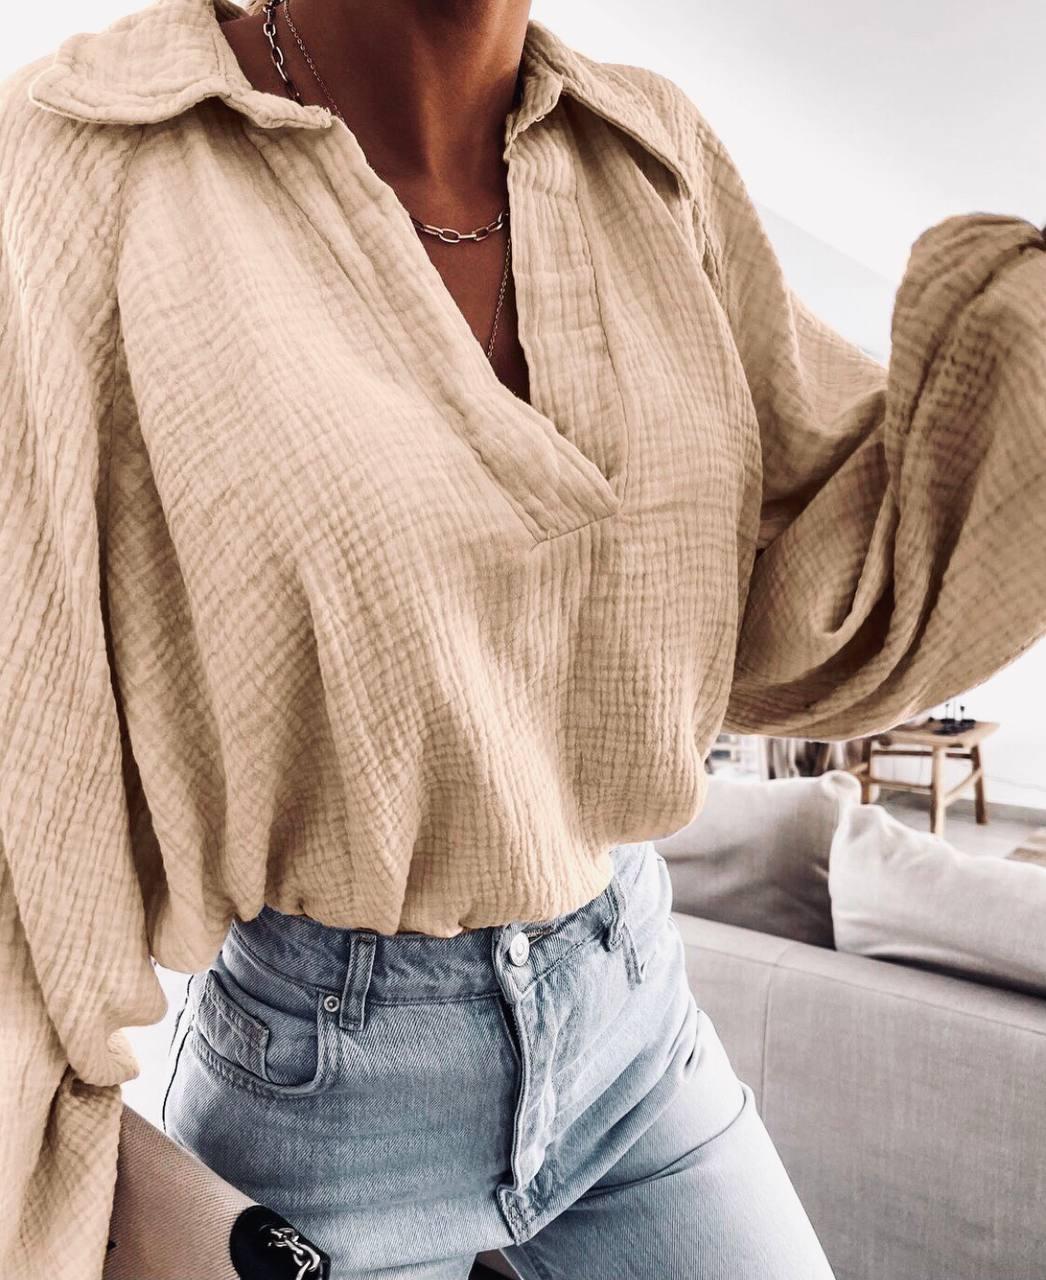 Женская  рубашка. Ткань : Муслин ( хлопок)- легкая и воздушная Цвет : белый, чёрный , беж , желтый ( лимонный)